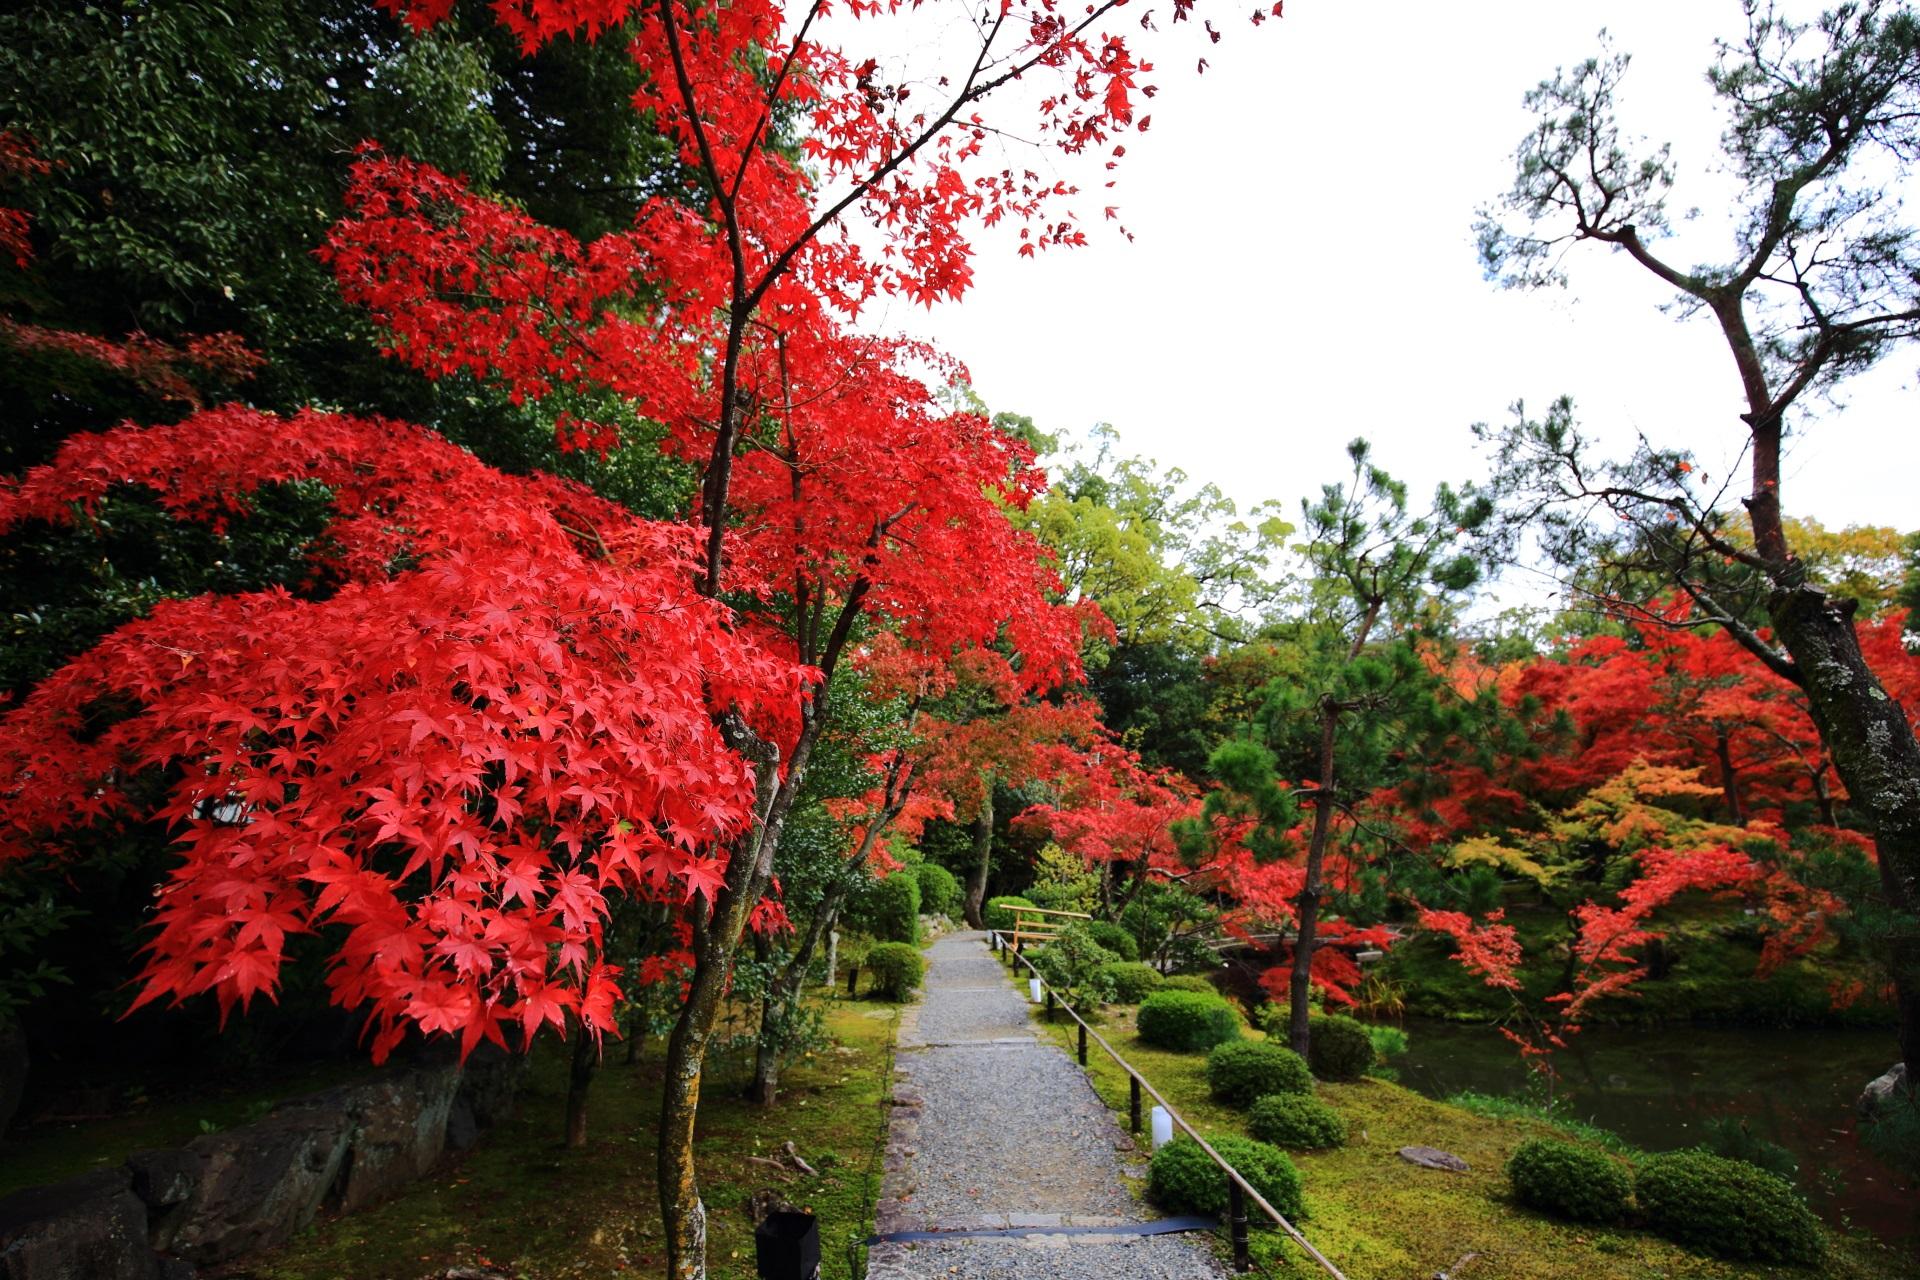 等持院の東庭と心字池で色づく真っ赤な紅葉